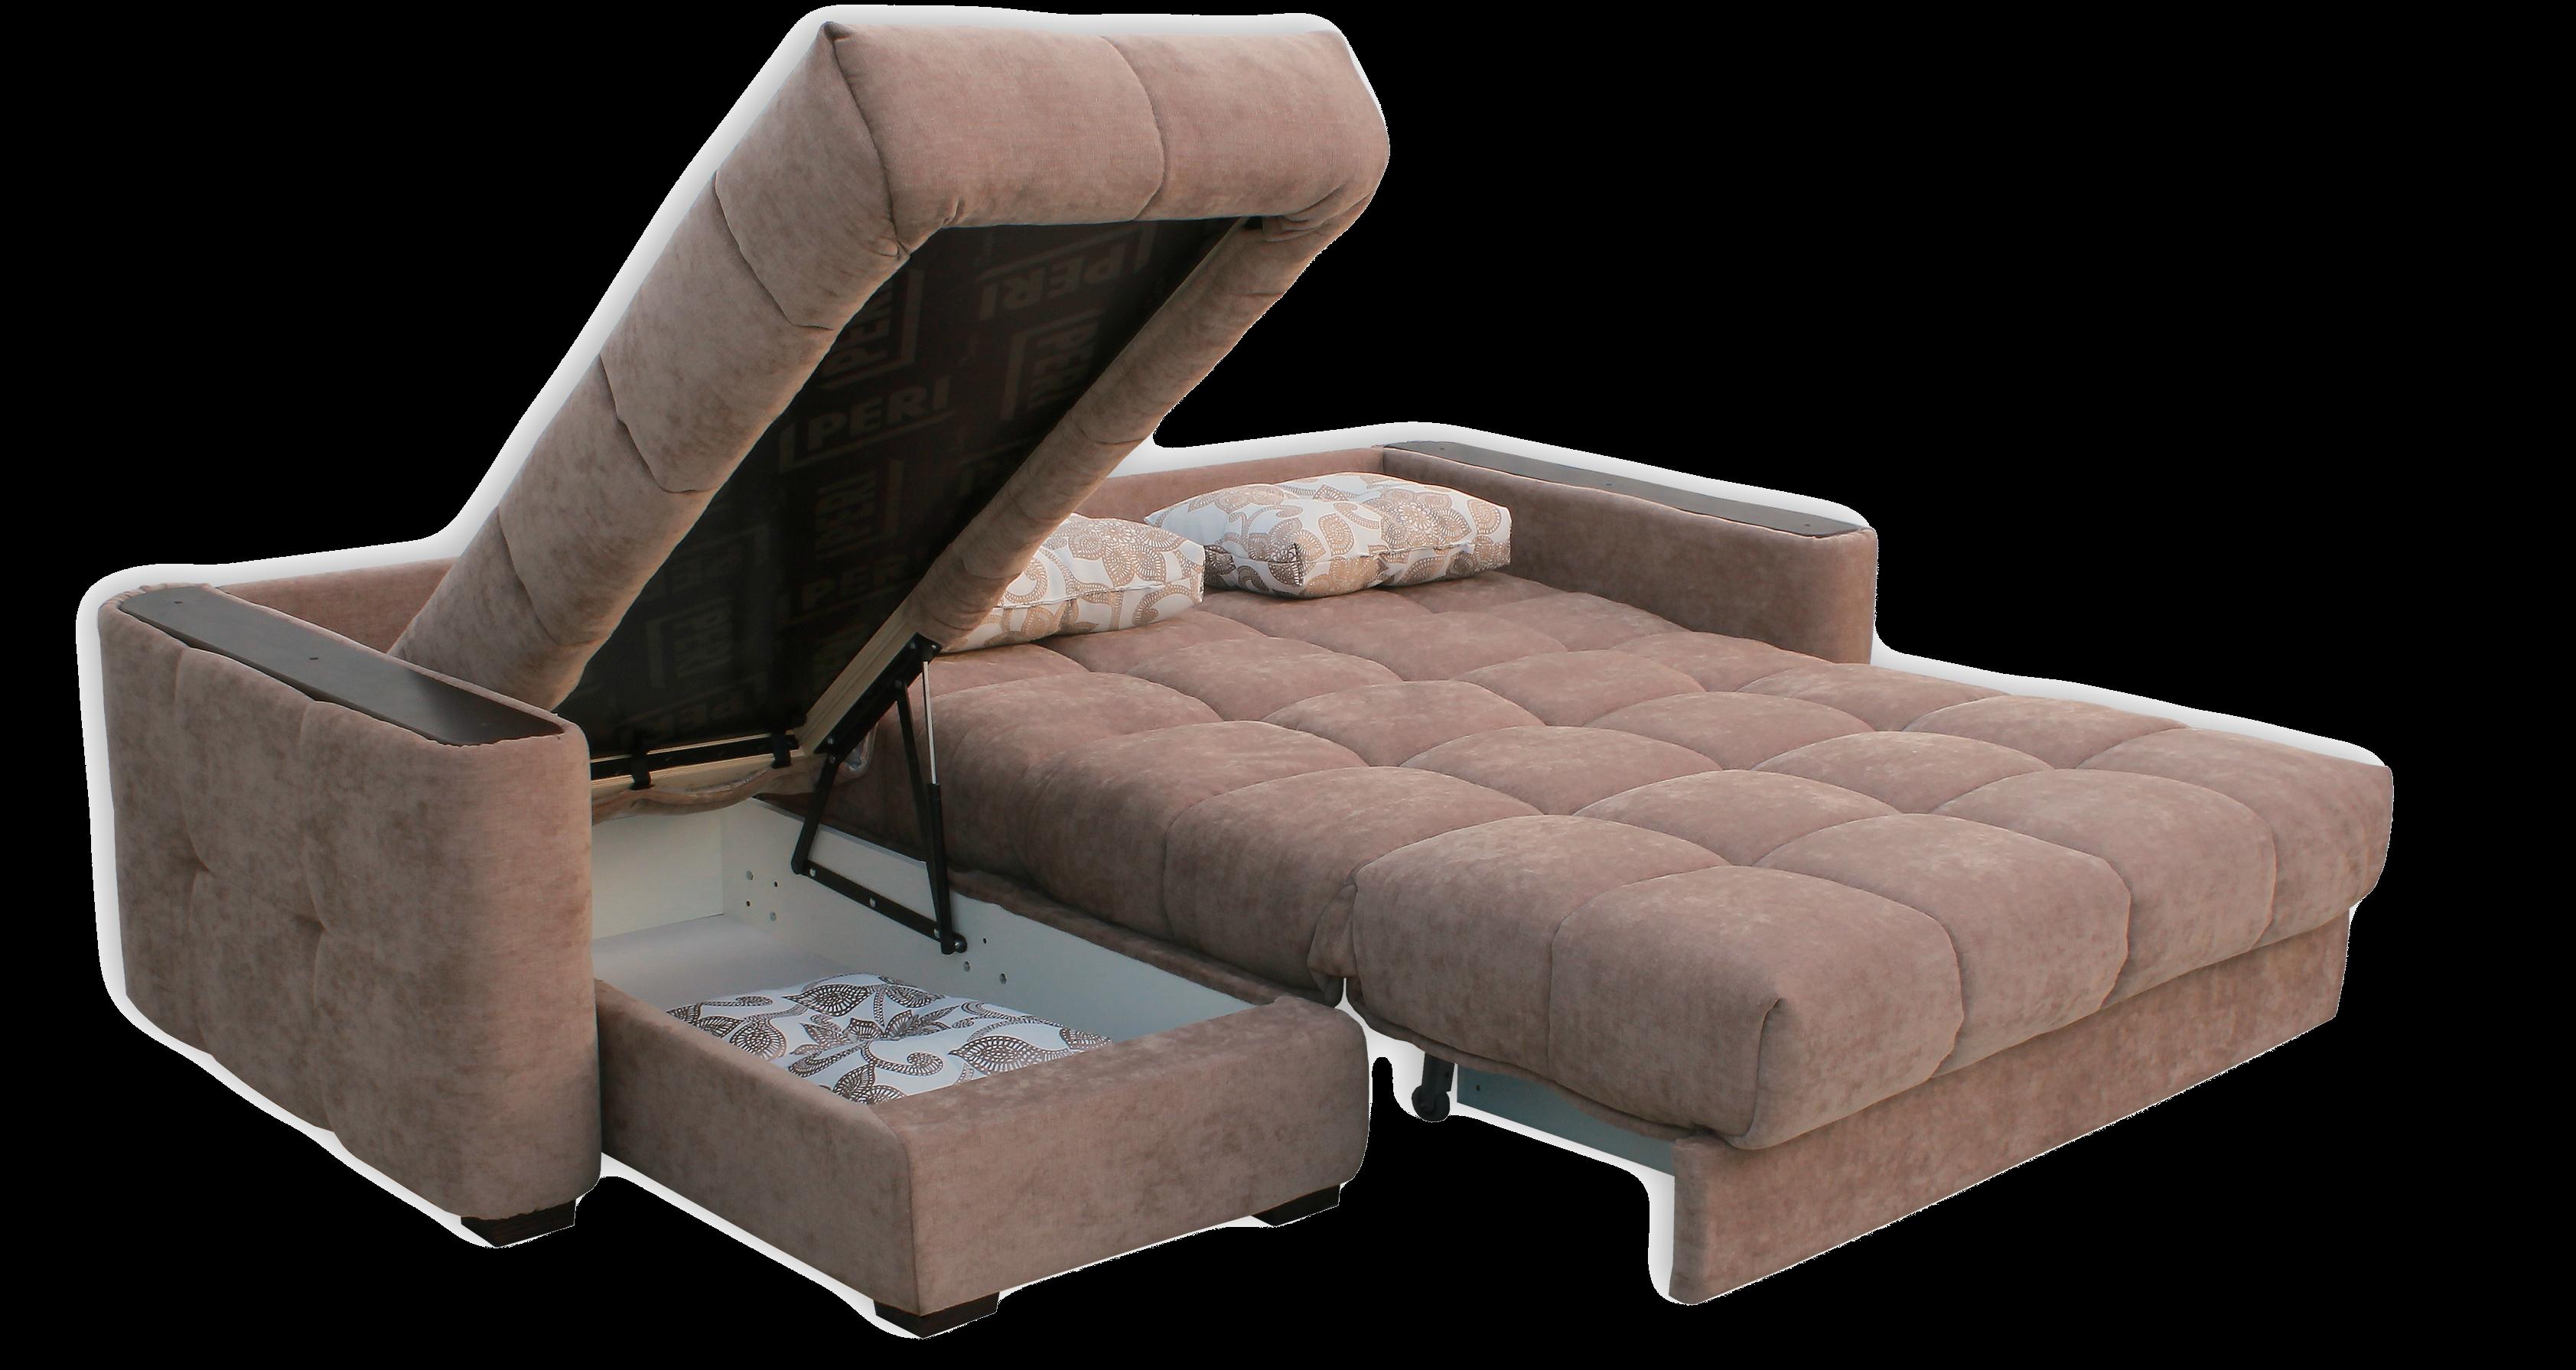 диван кровать аккордеон особенности механизма и популярные модели